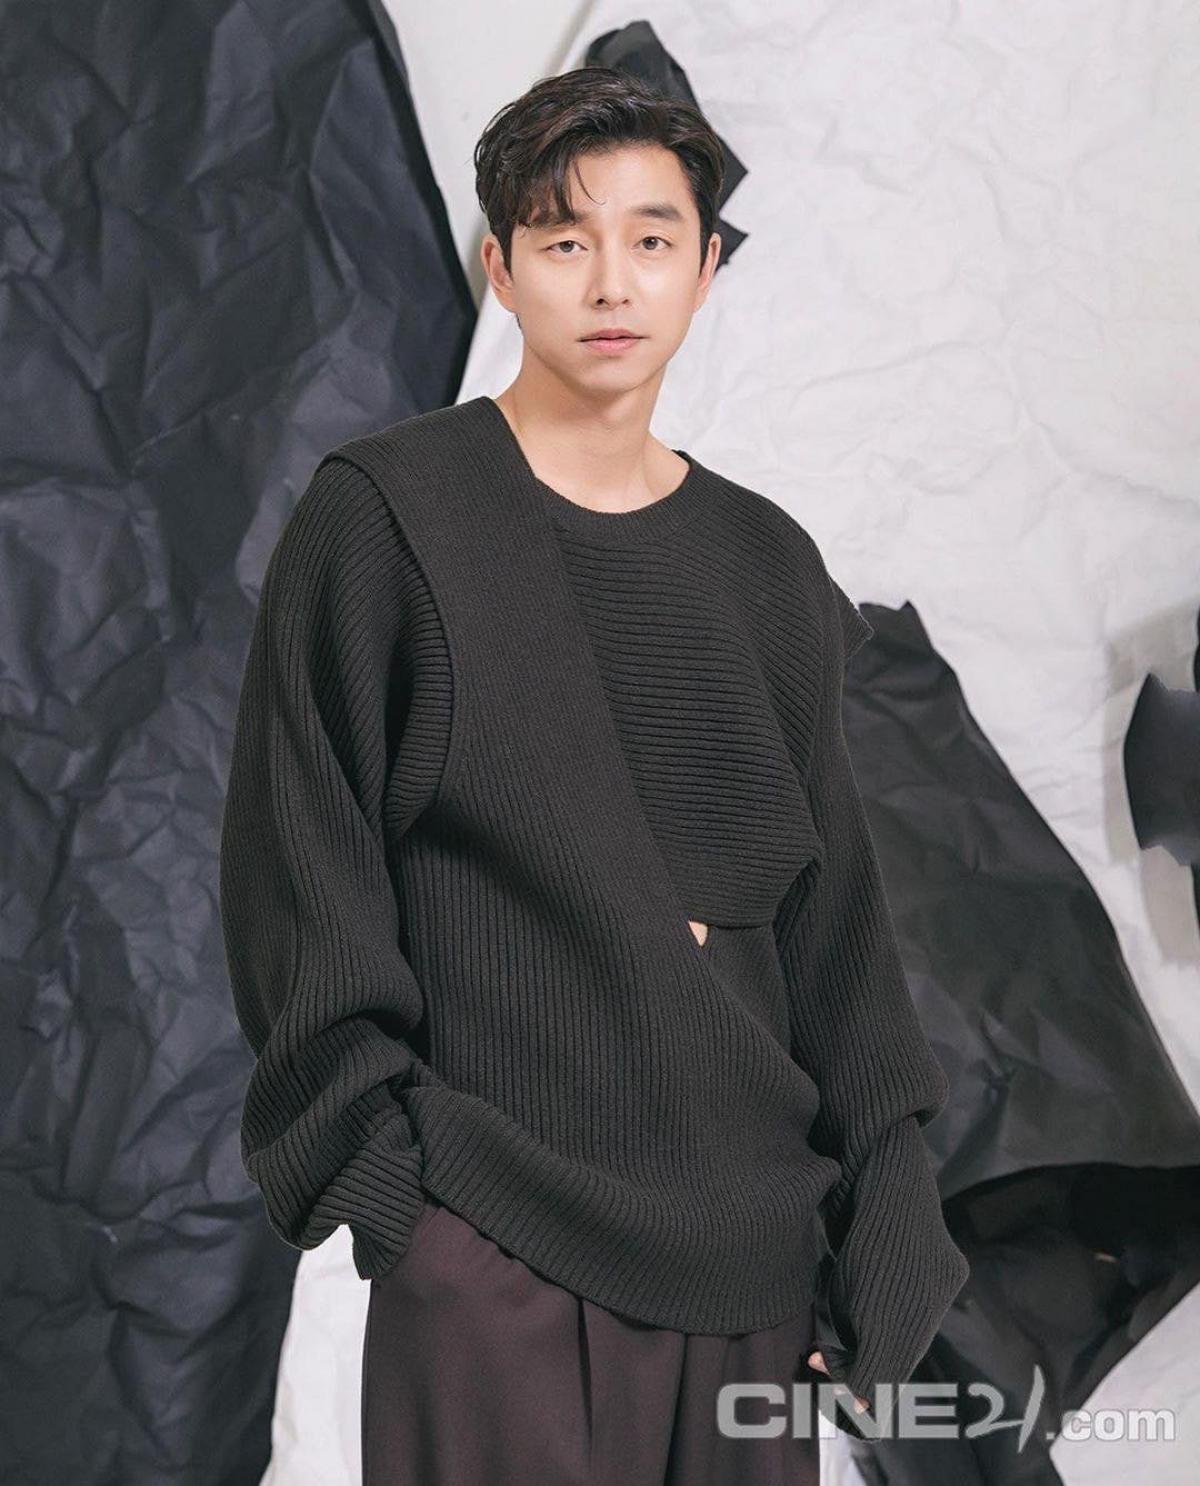 Dù lớn hơn đàn em tận 14 tuổi nhưng Gong Yookhông hề thua kém với ngoại hình bảnh bao, gương mặt góc cạnh nam tính cùng vóc dáng chuẩn mực.